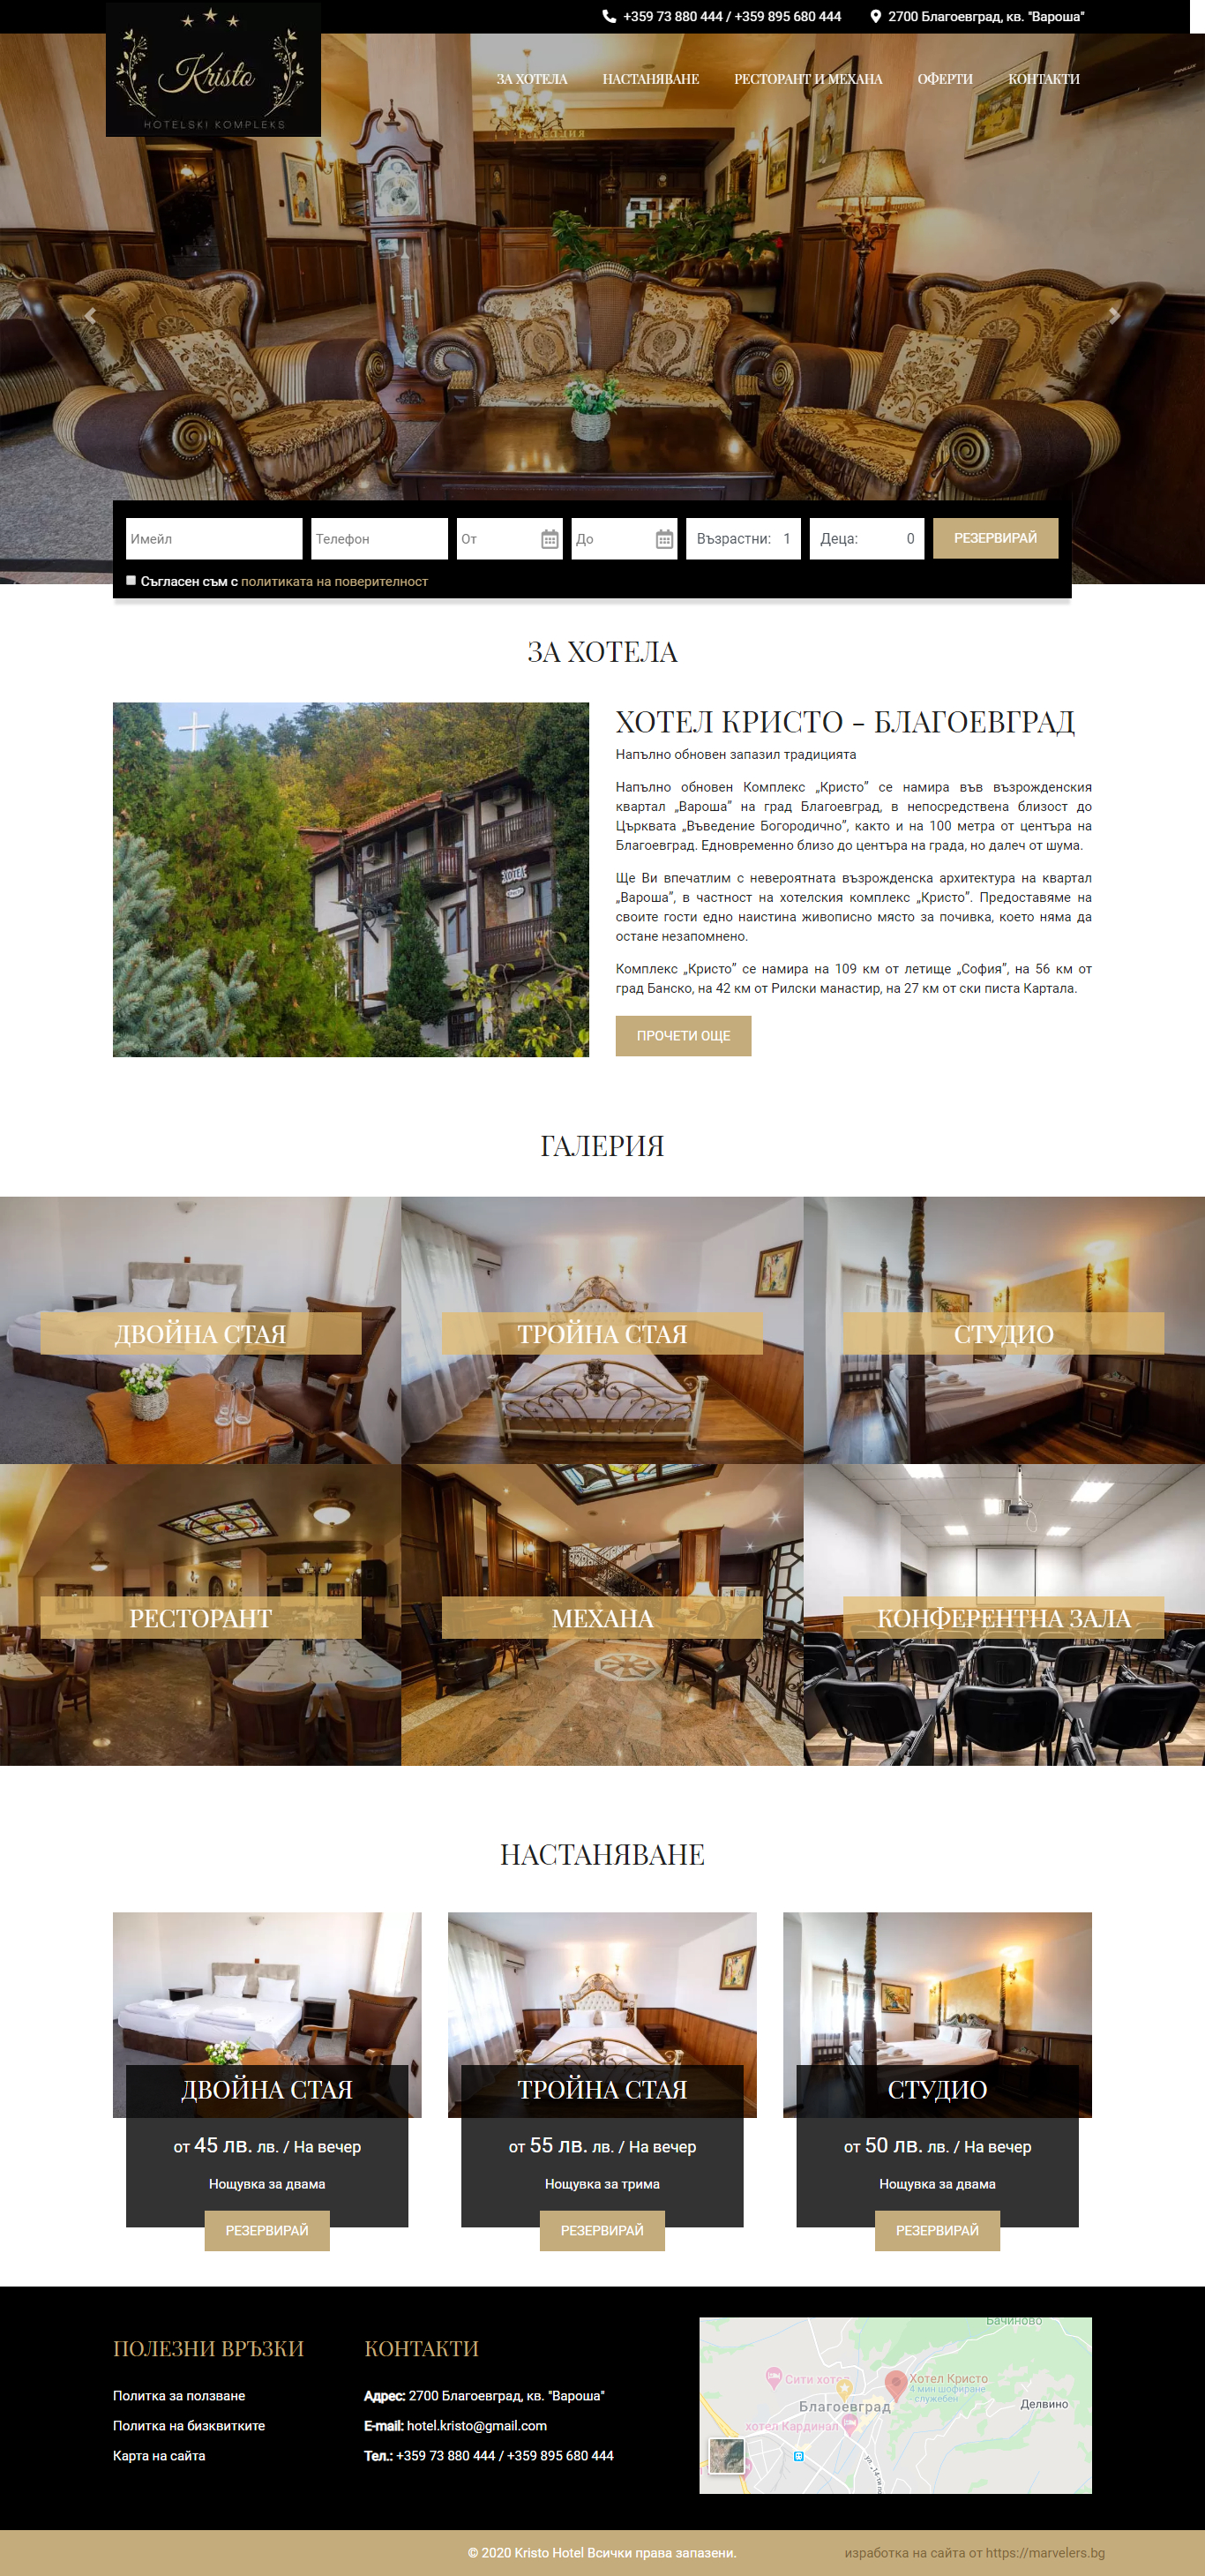 Уеб сайт на Хотел Кристо